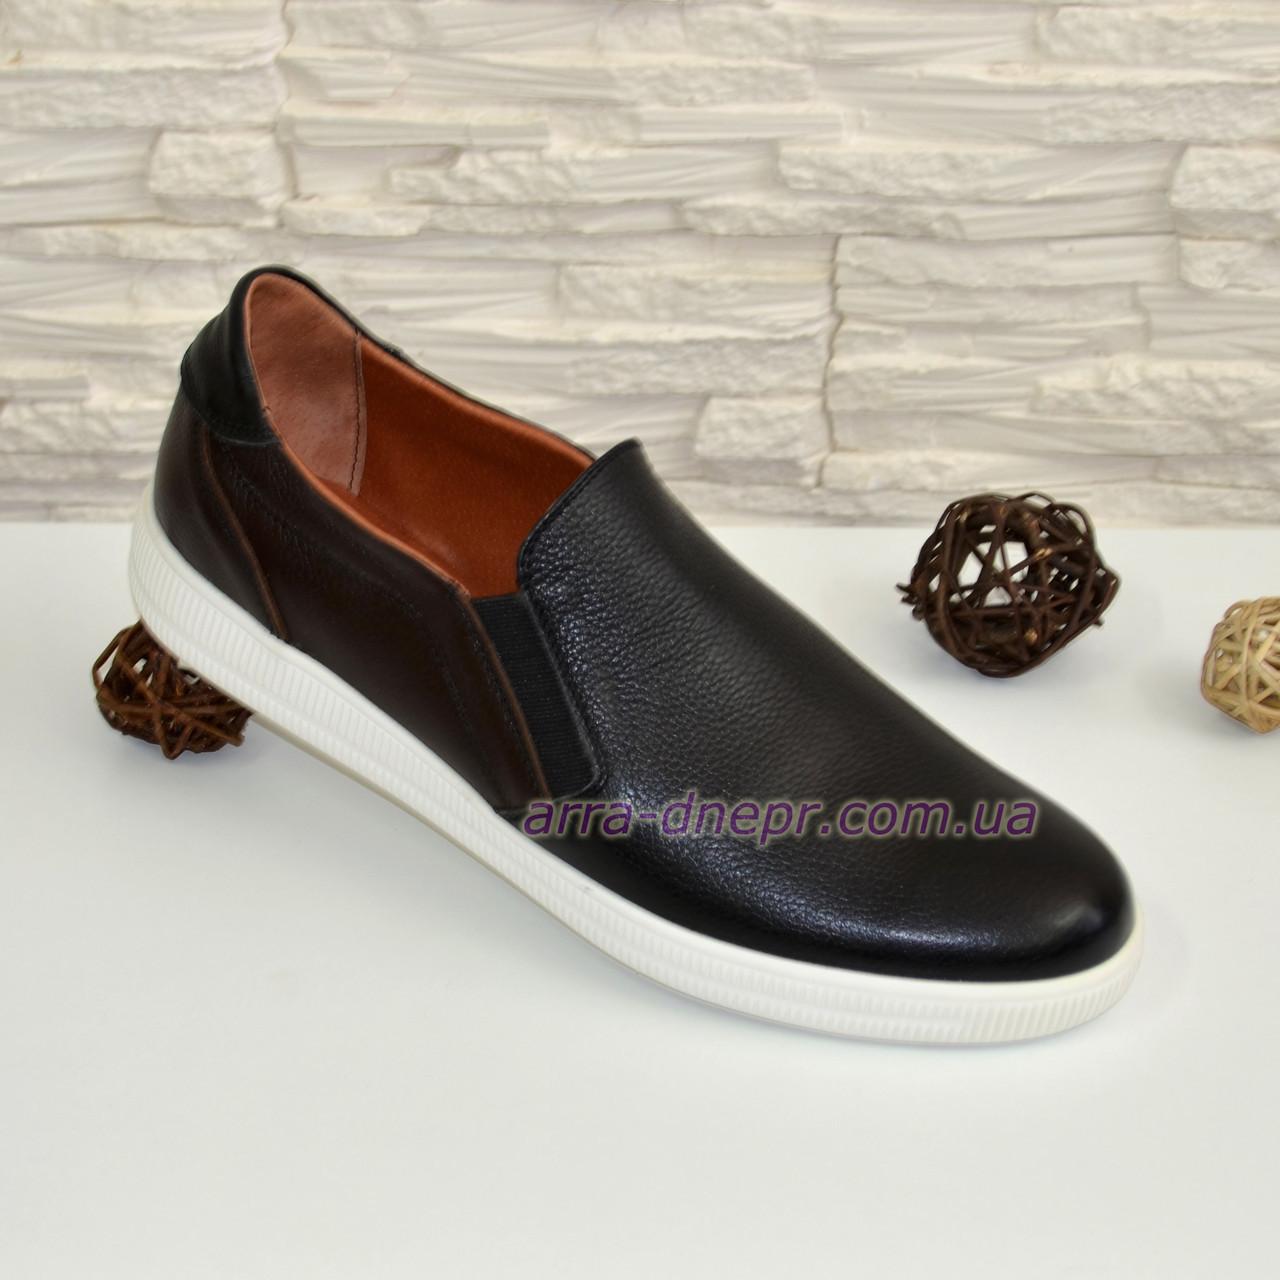 Мужские кожаные туфли-мокасины на плоской подошве. 40 размер